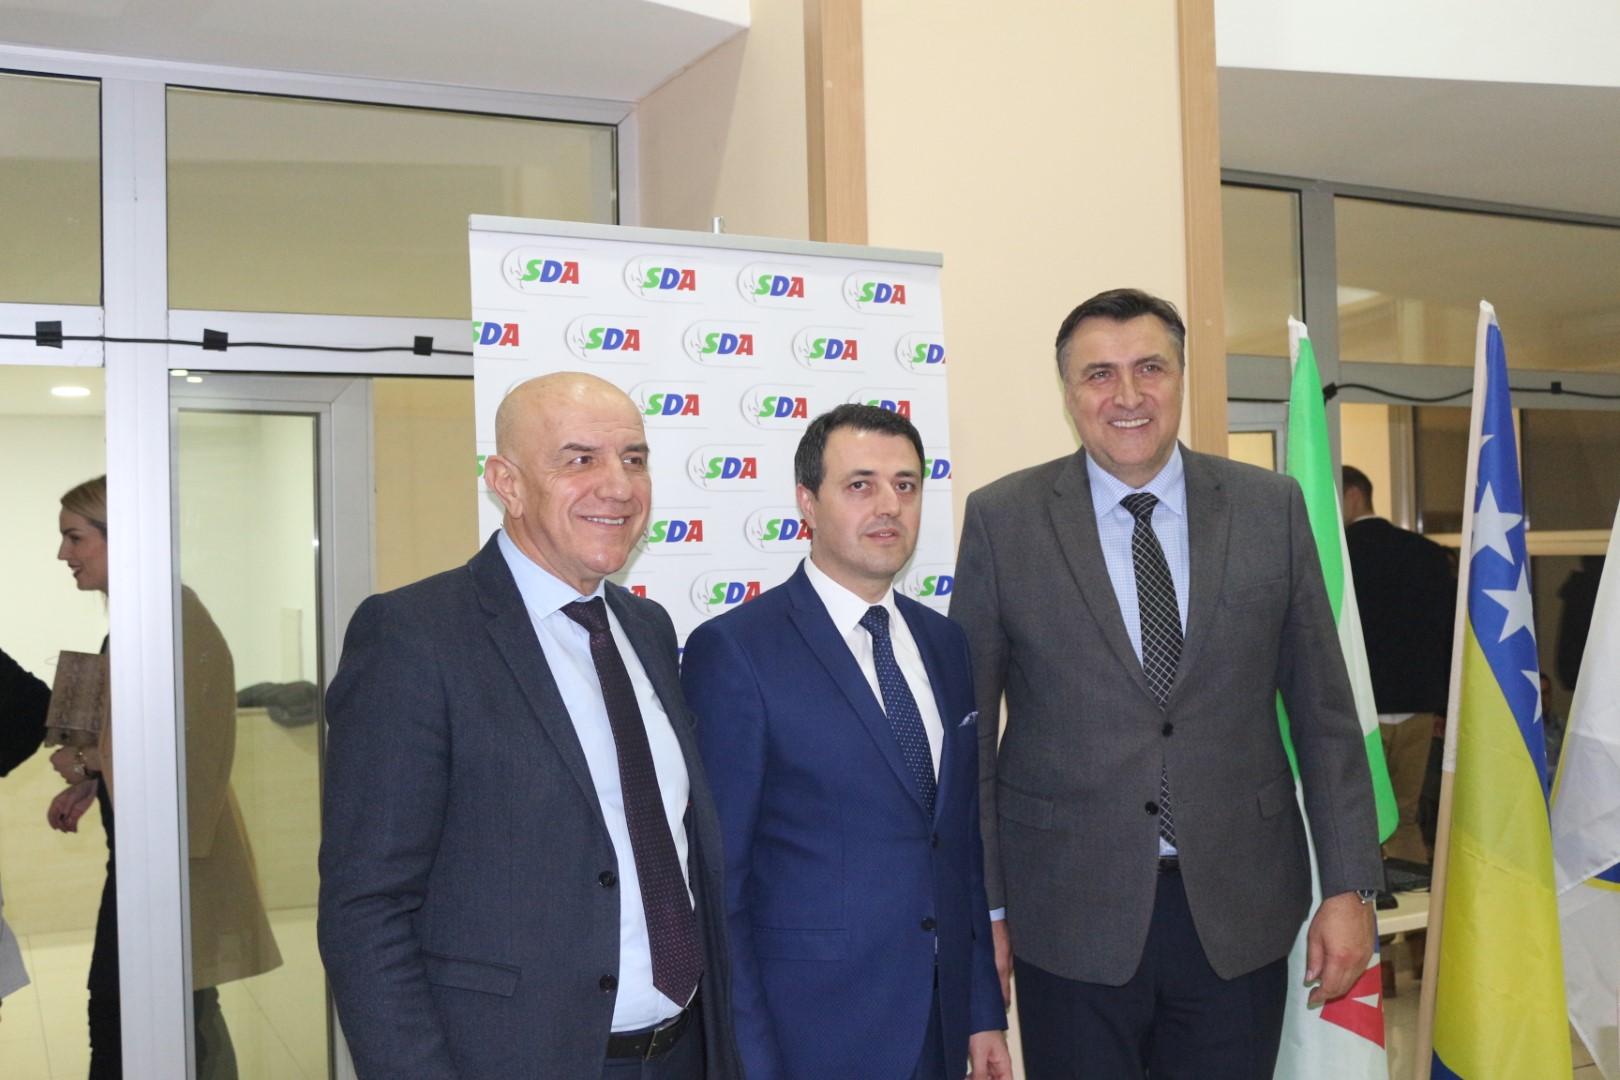 Novi predsjednik GO SDA Visoko Mirza Ganić sa Miralemom Galijaševićem i Nerminom Mandrom